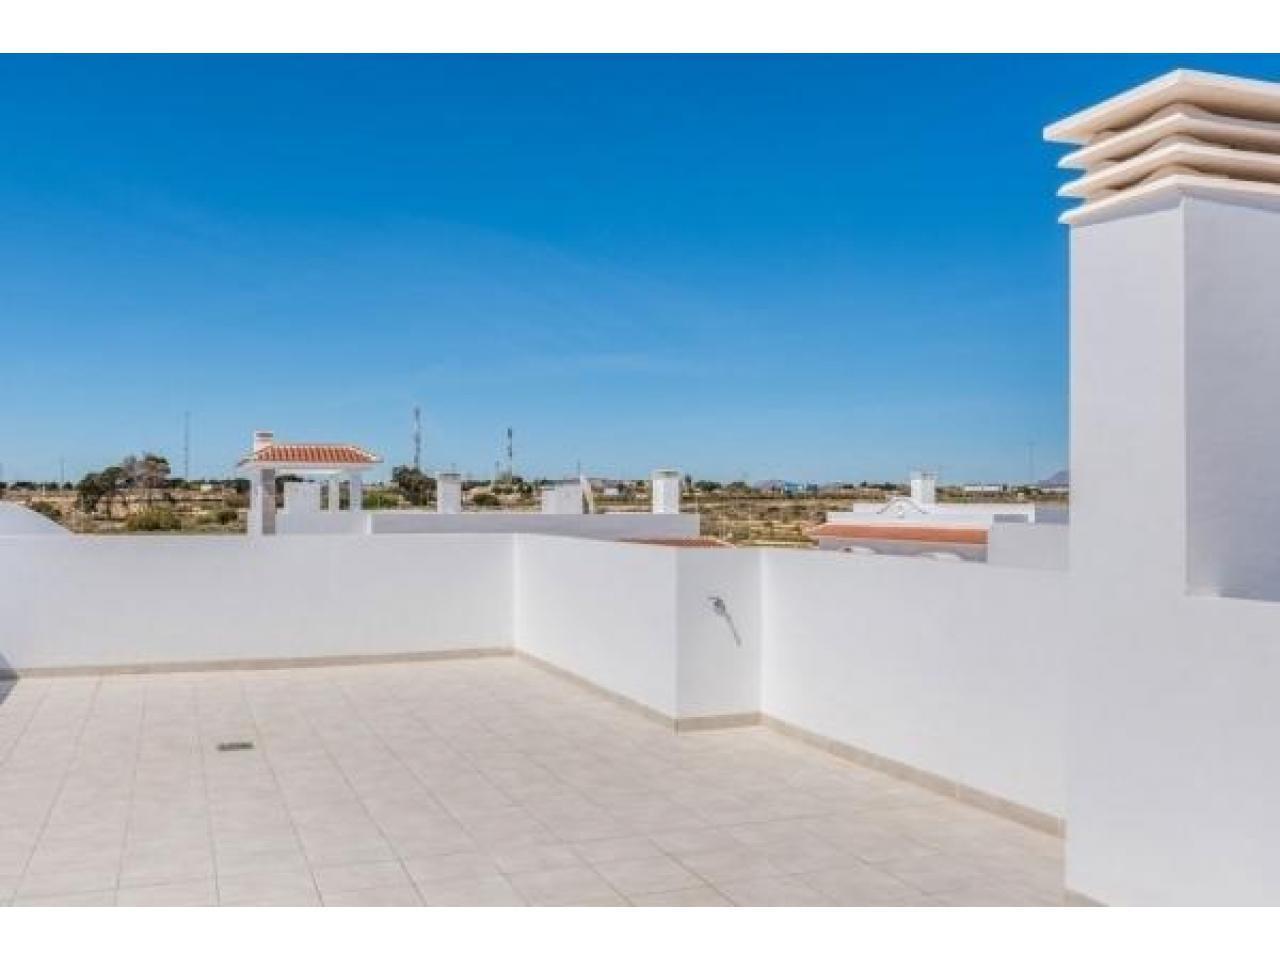 Недвижимость в Испании, Новые бунгало от застройщика в Сьюдад Кесада,Коста Бланка,Испания - 4